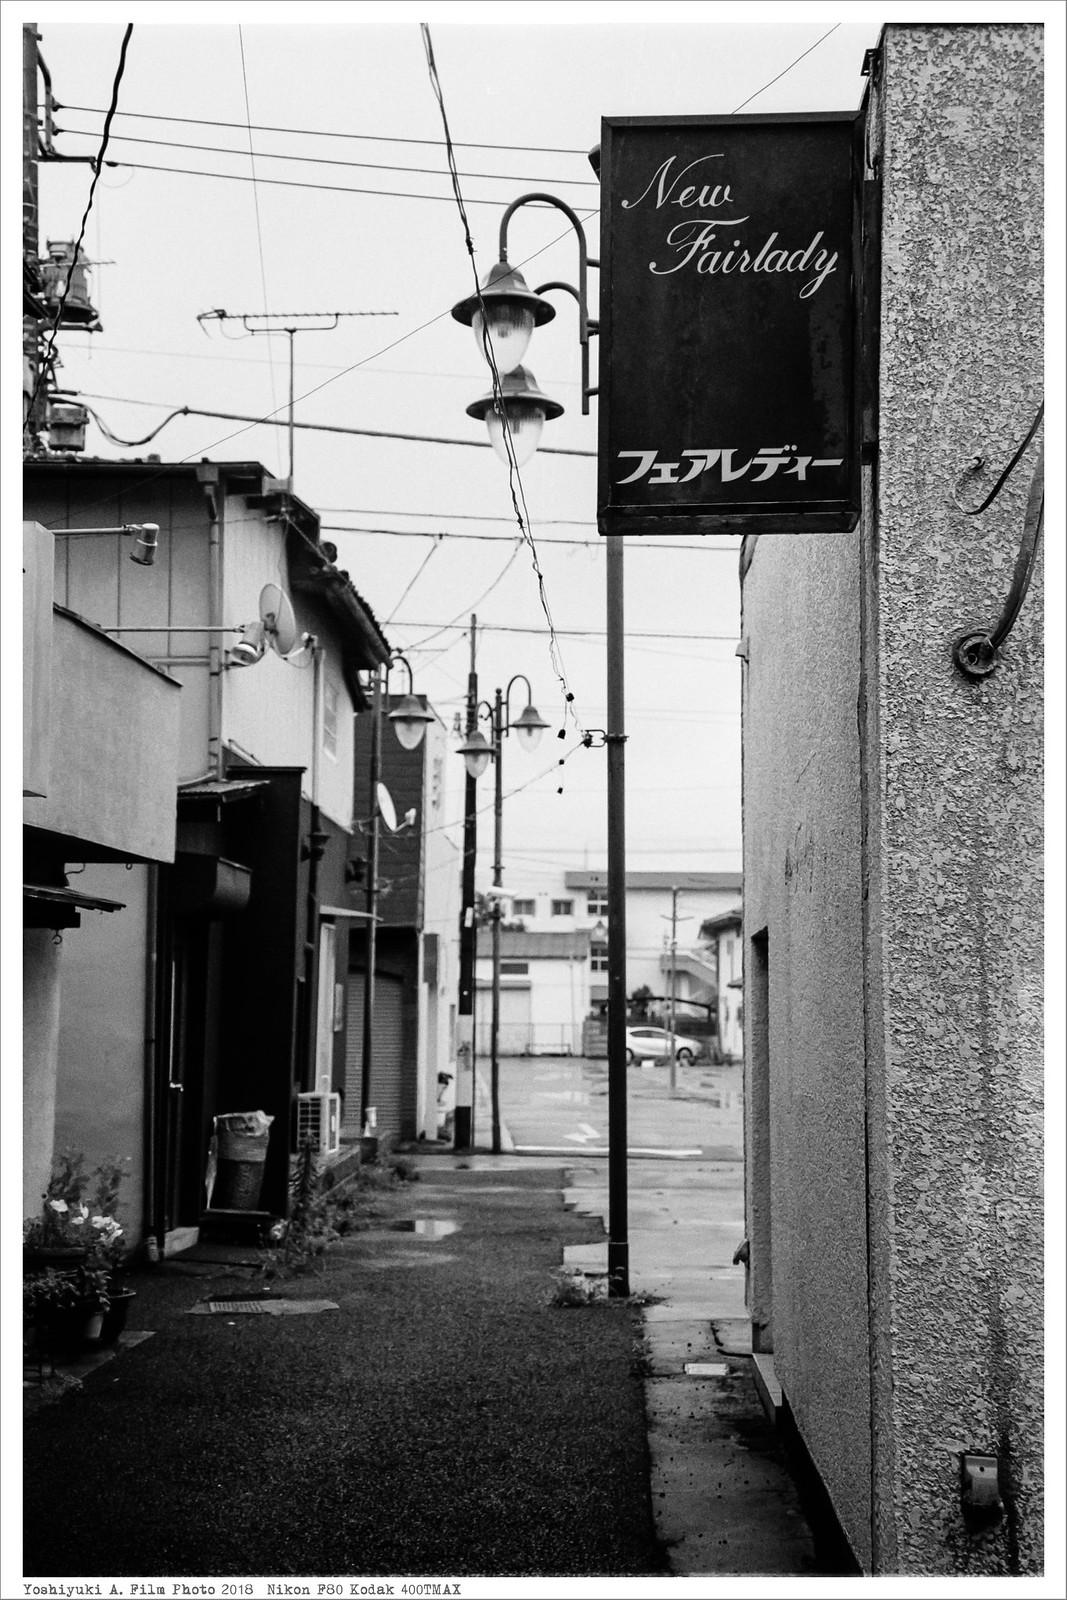 群馬県 桐生市 Nikon_F80_Kodak_400TMAX__08